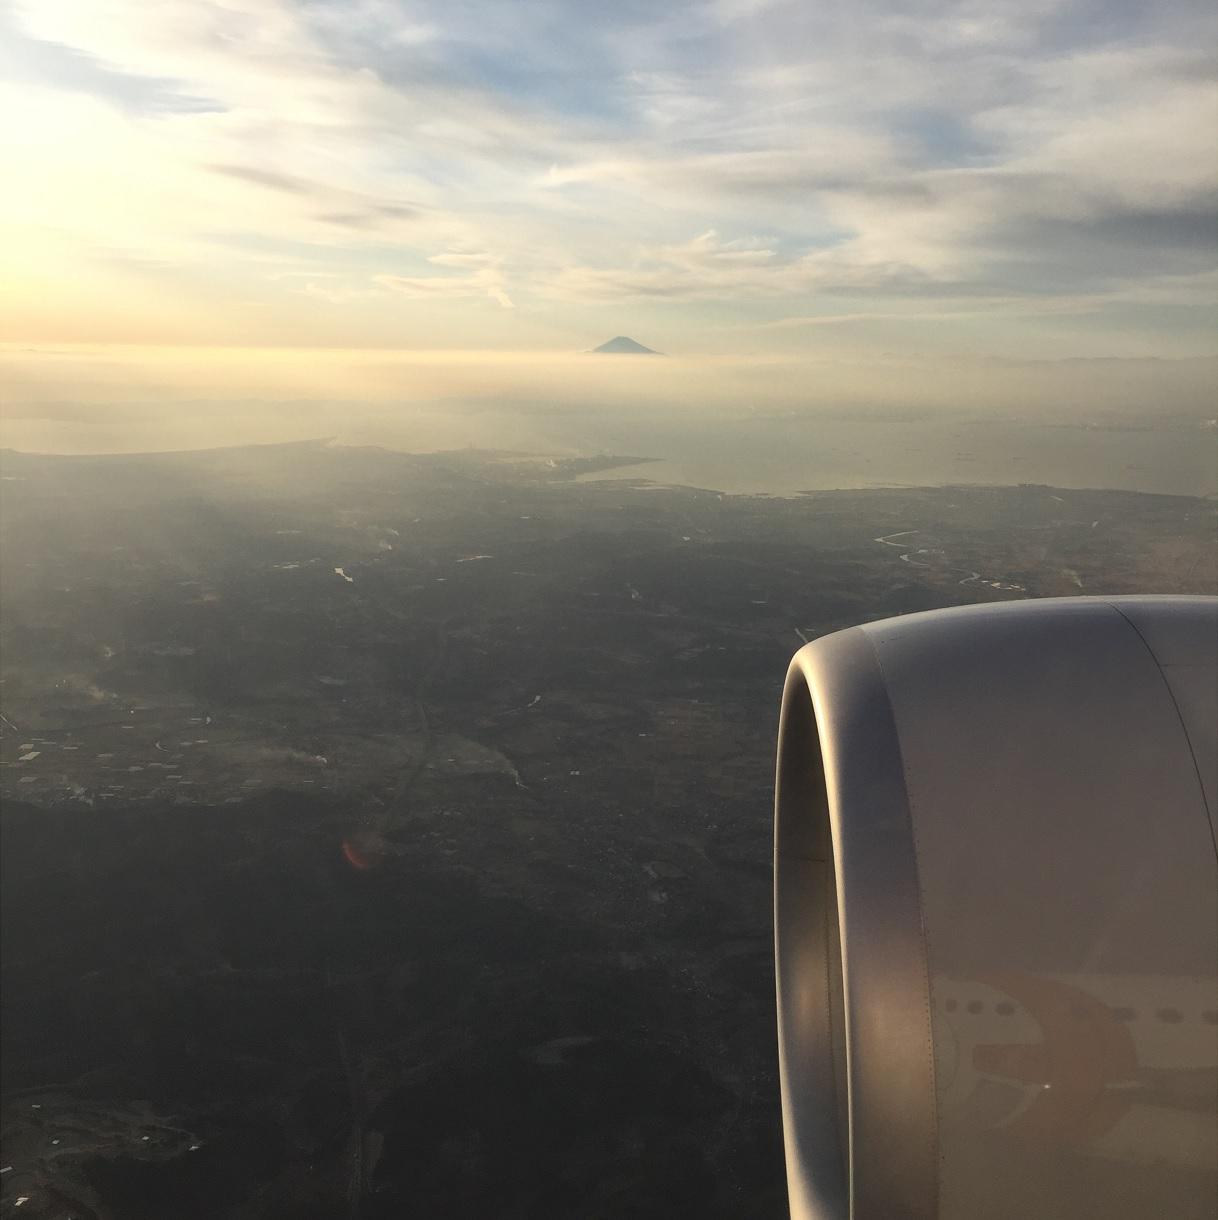 mt fuji Weltreise Flugzeug c Bernhard Krieger